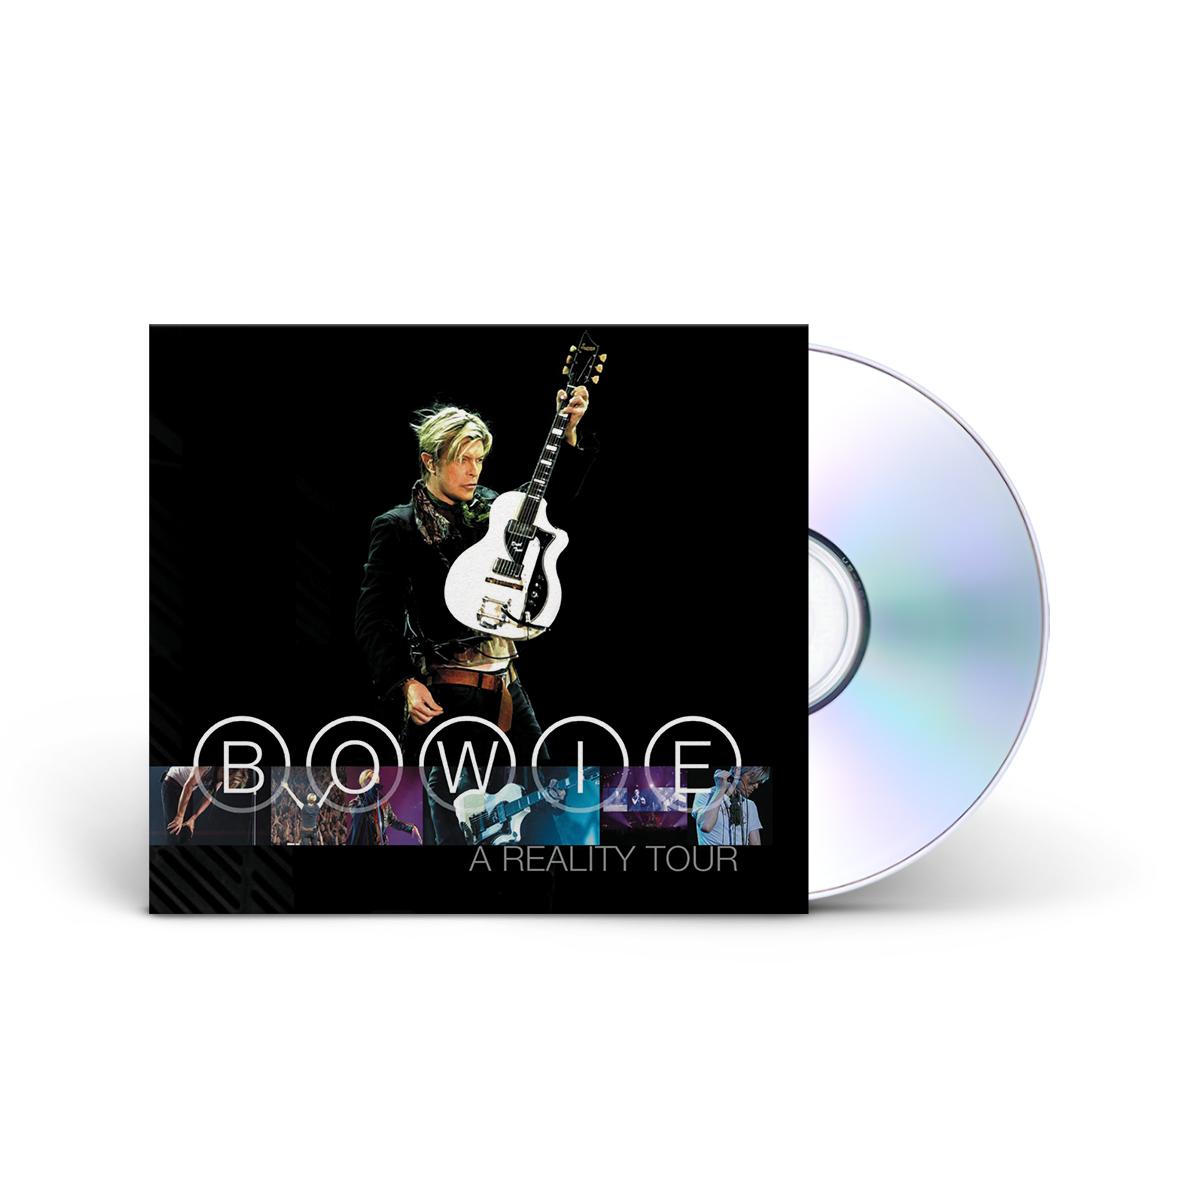 David Bowie A Reality Tour CD